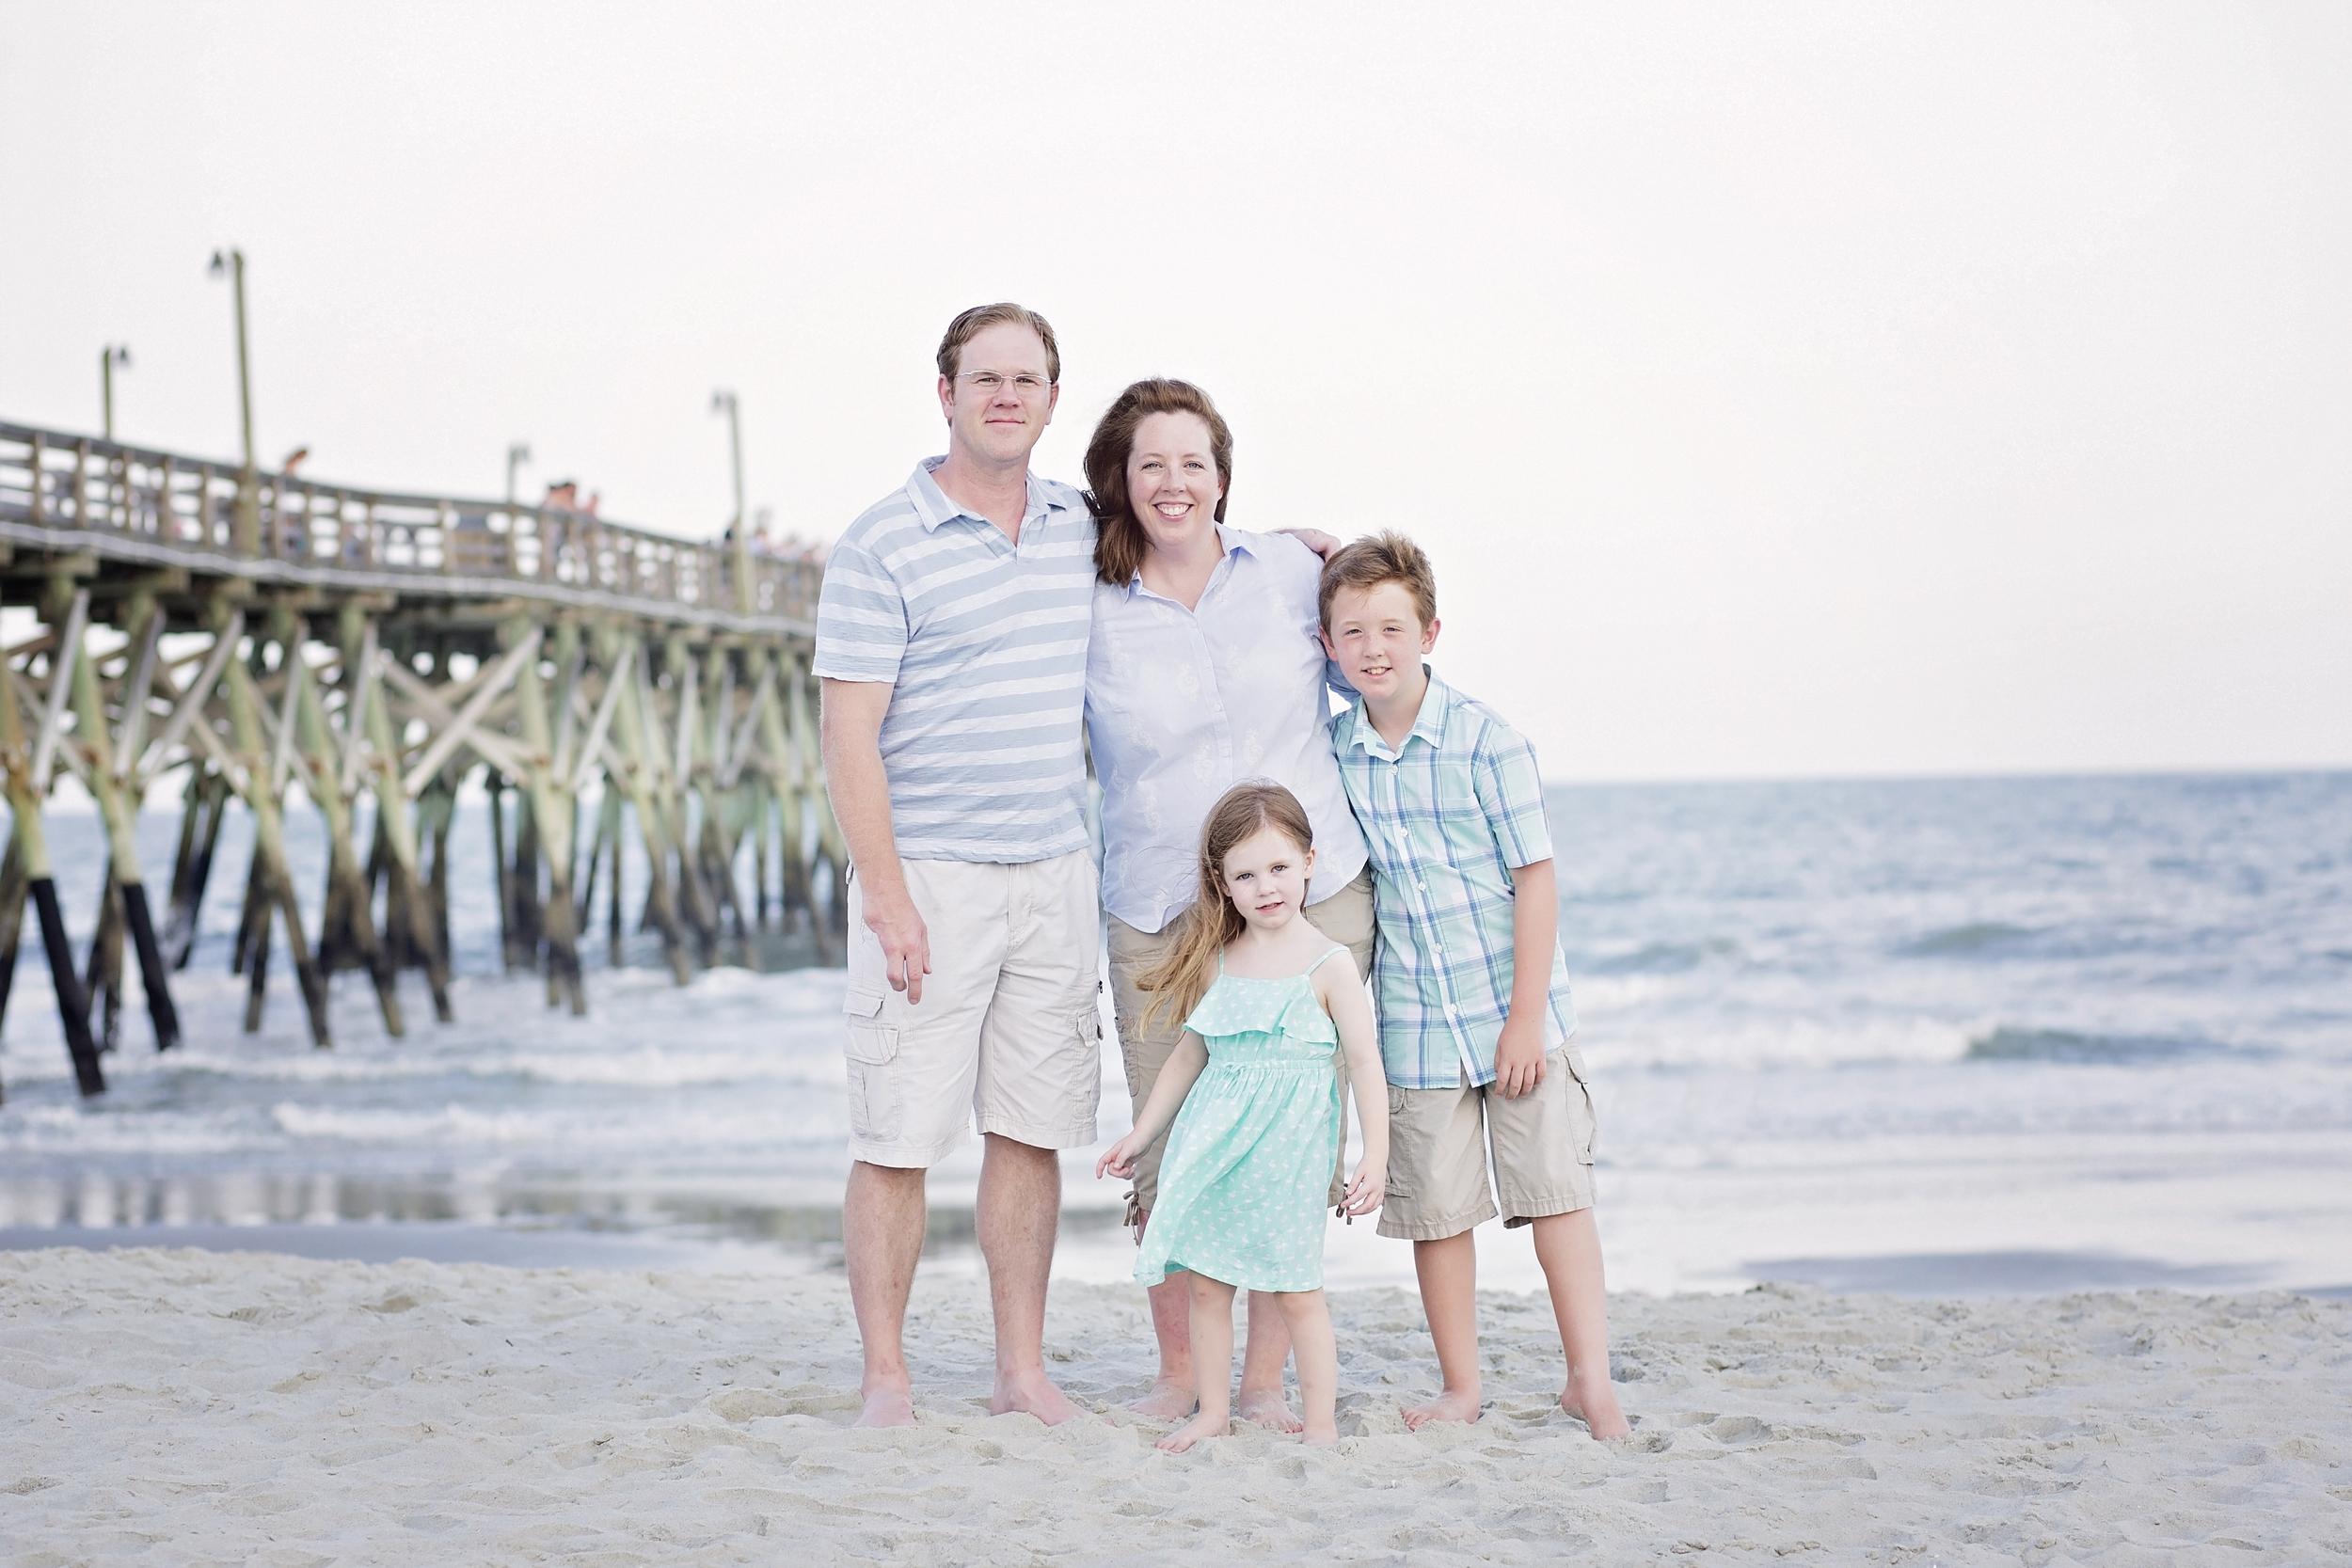 surfside beach family beach photography